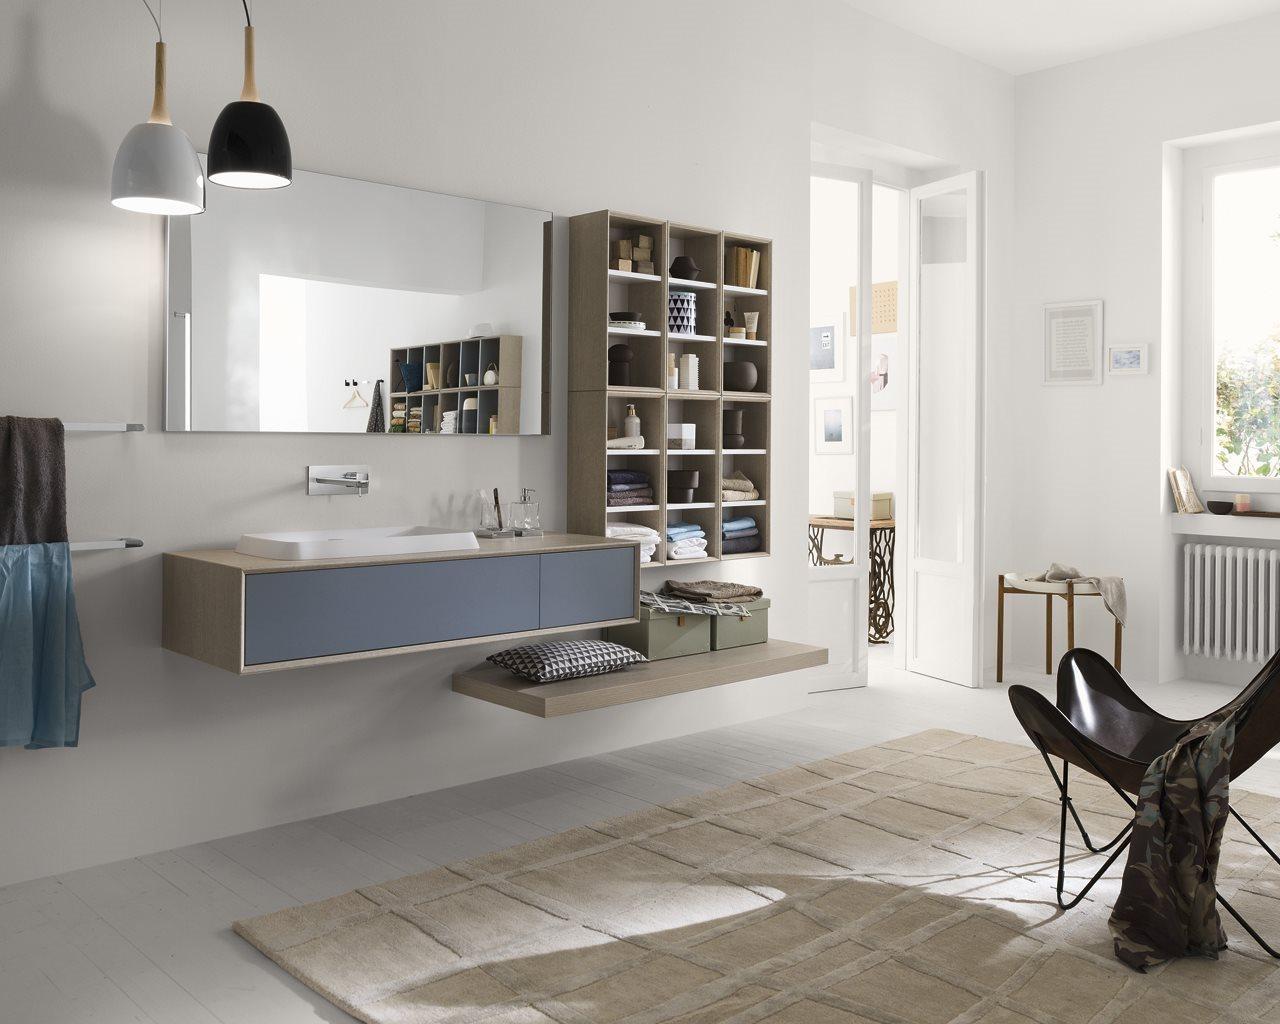 Mobili E Accessori Lissone bagni moderni | mobili bagno | accessori bagno | lissone